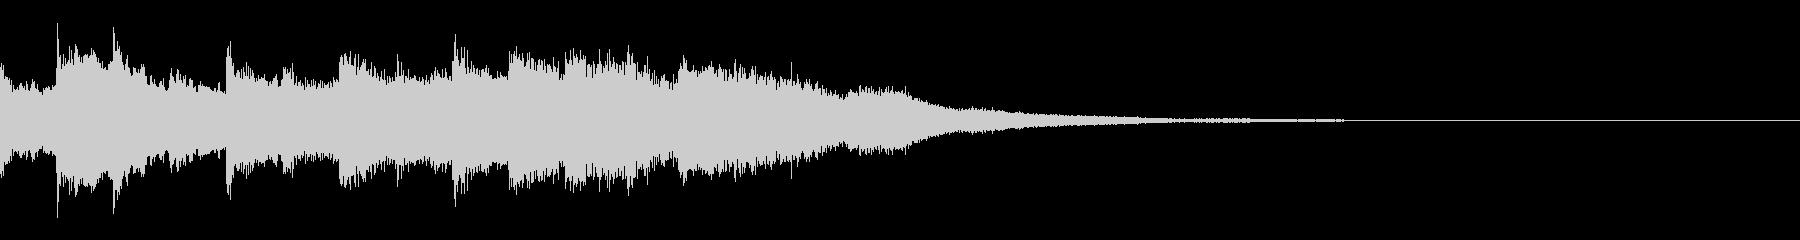 キラキラしたジングル(モノラル)の未再生の波形